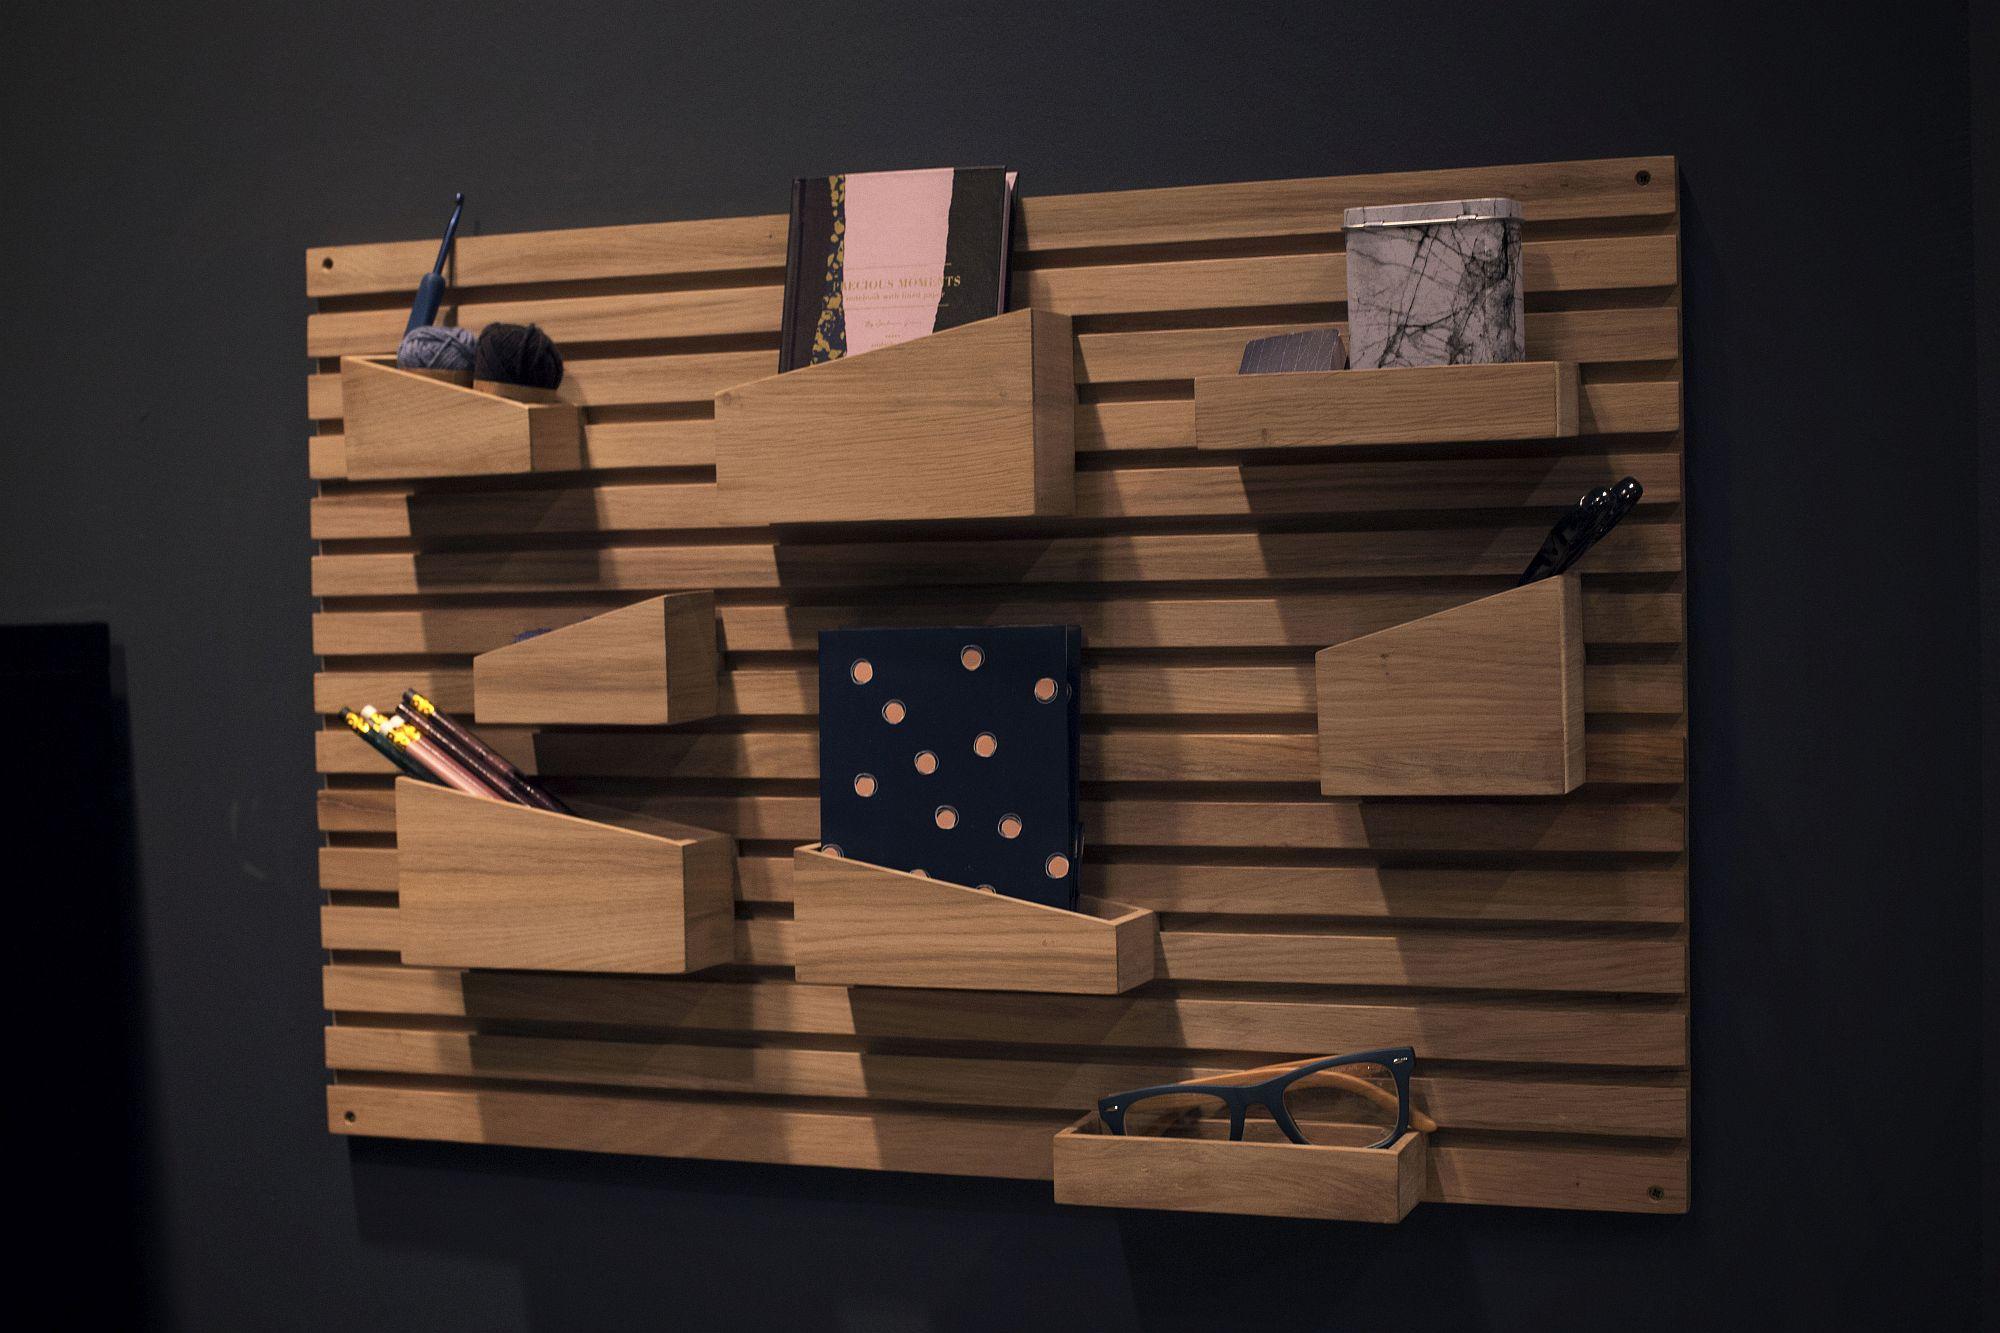 Hiasan dinding dan ruang susun barang yang cantik dan praktikal